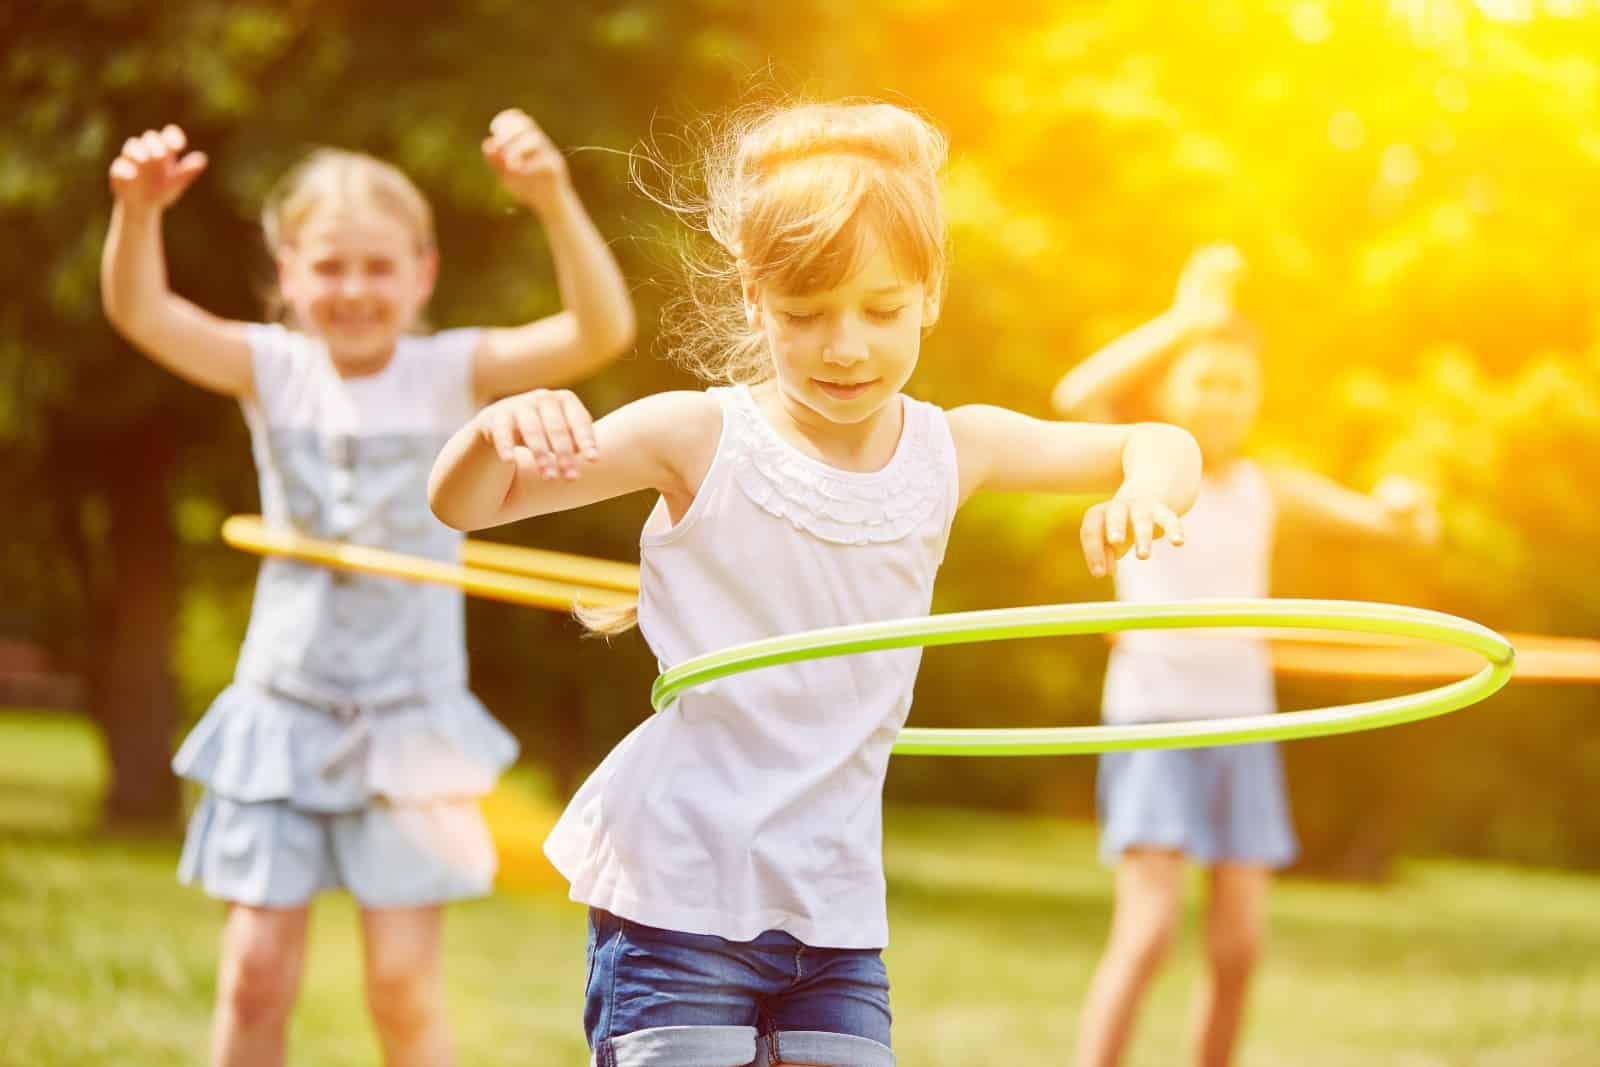 Kinder spielen Strumpfhosen